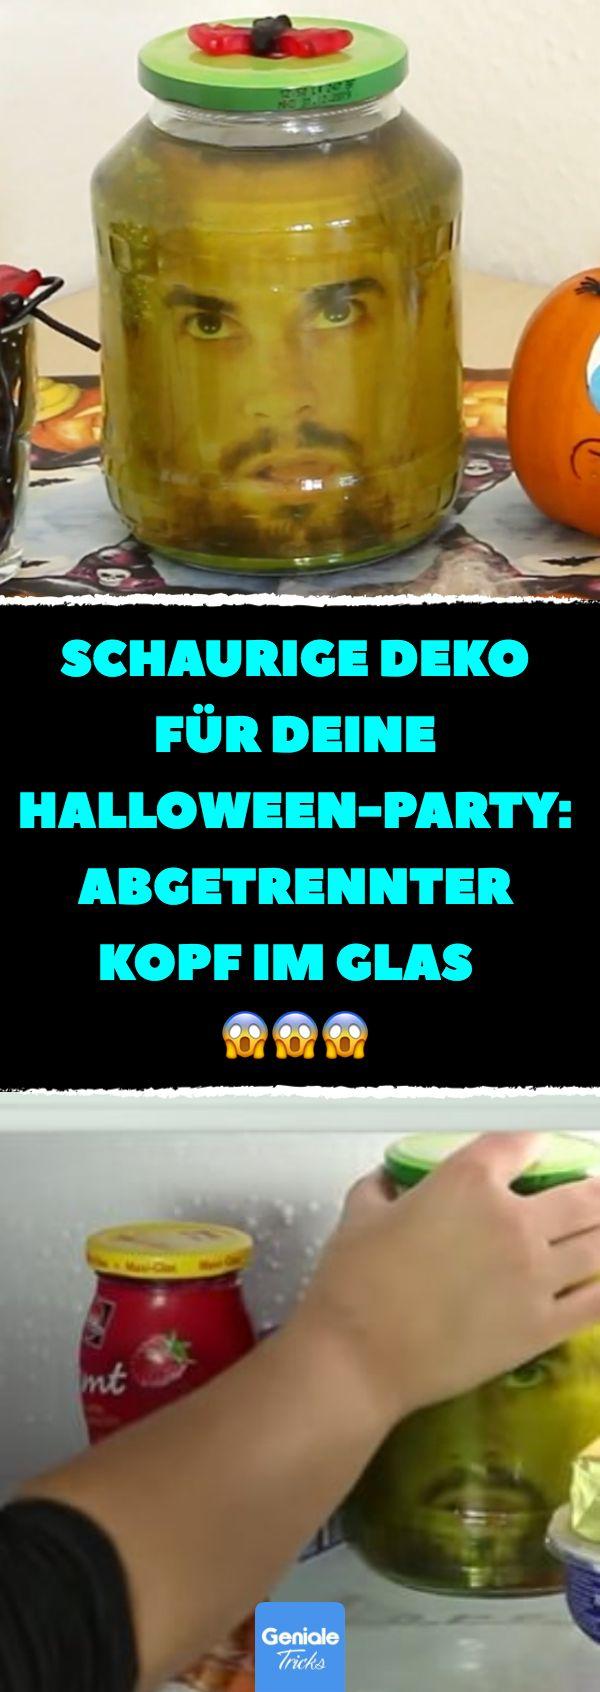 Schaurige Deko für deine Halloween-Party: abgetrennter Kopf im Glas. #halloween...